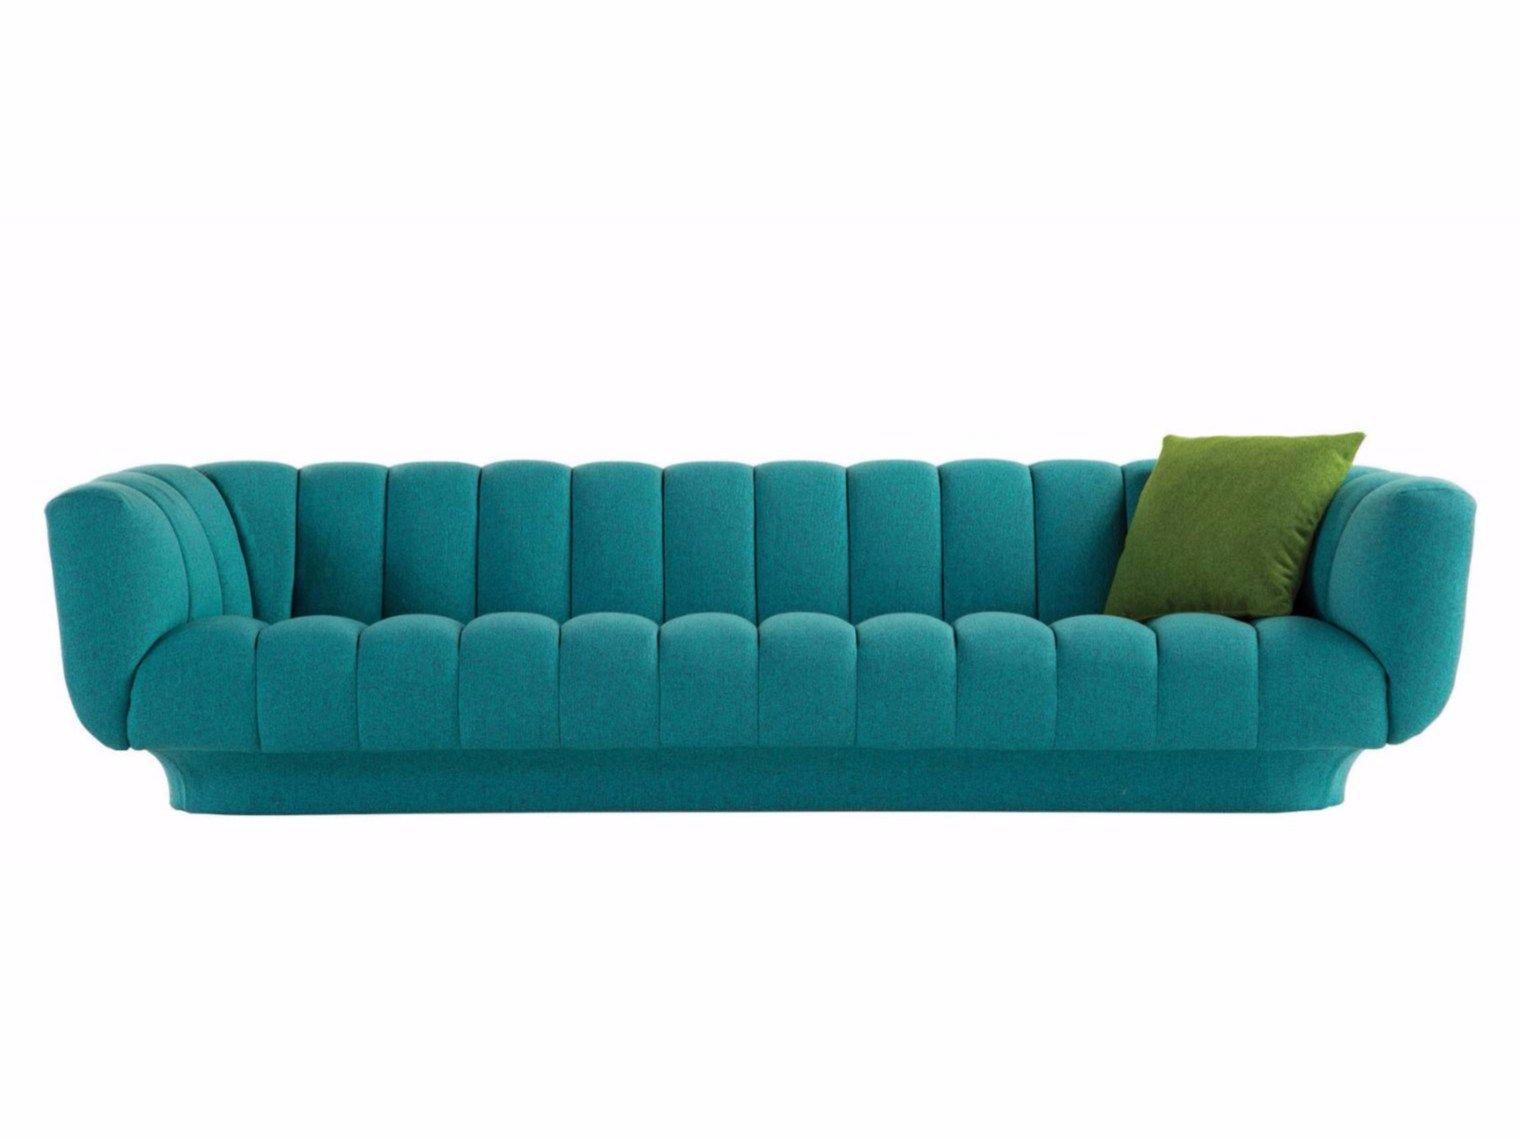 Corner sofa from Roche Bobois | houseofdesign.info